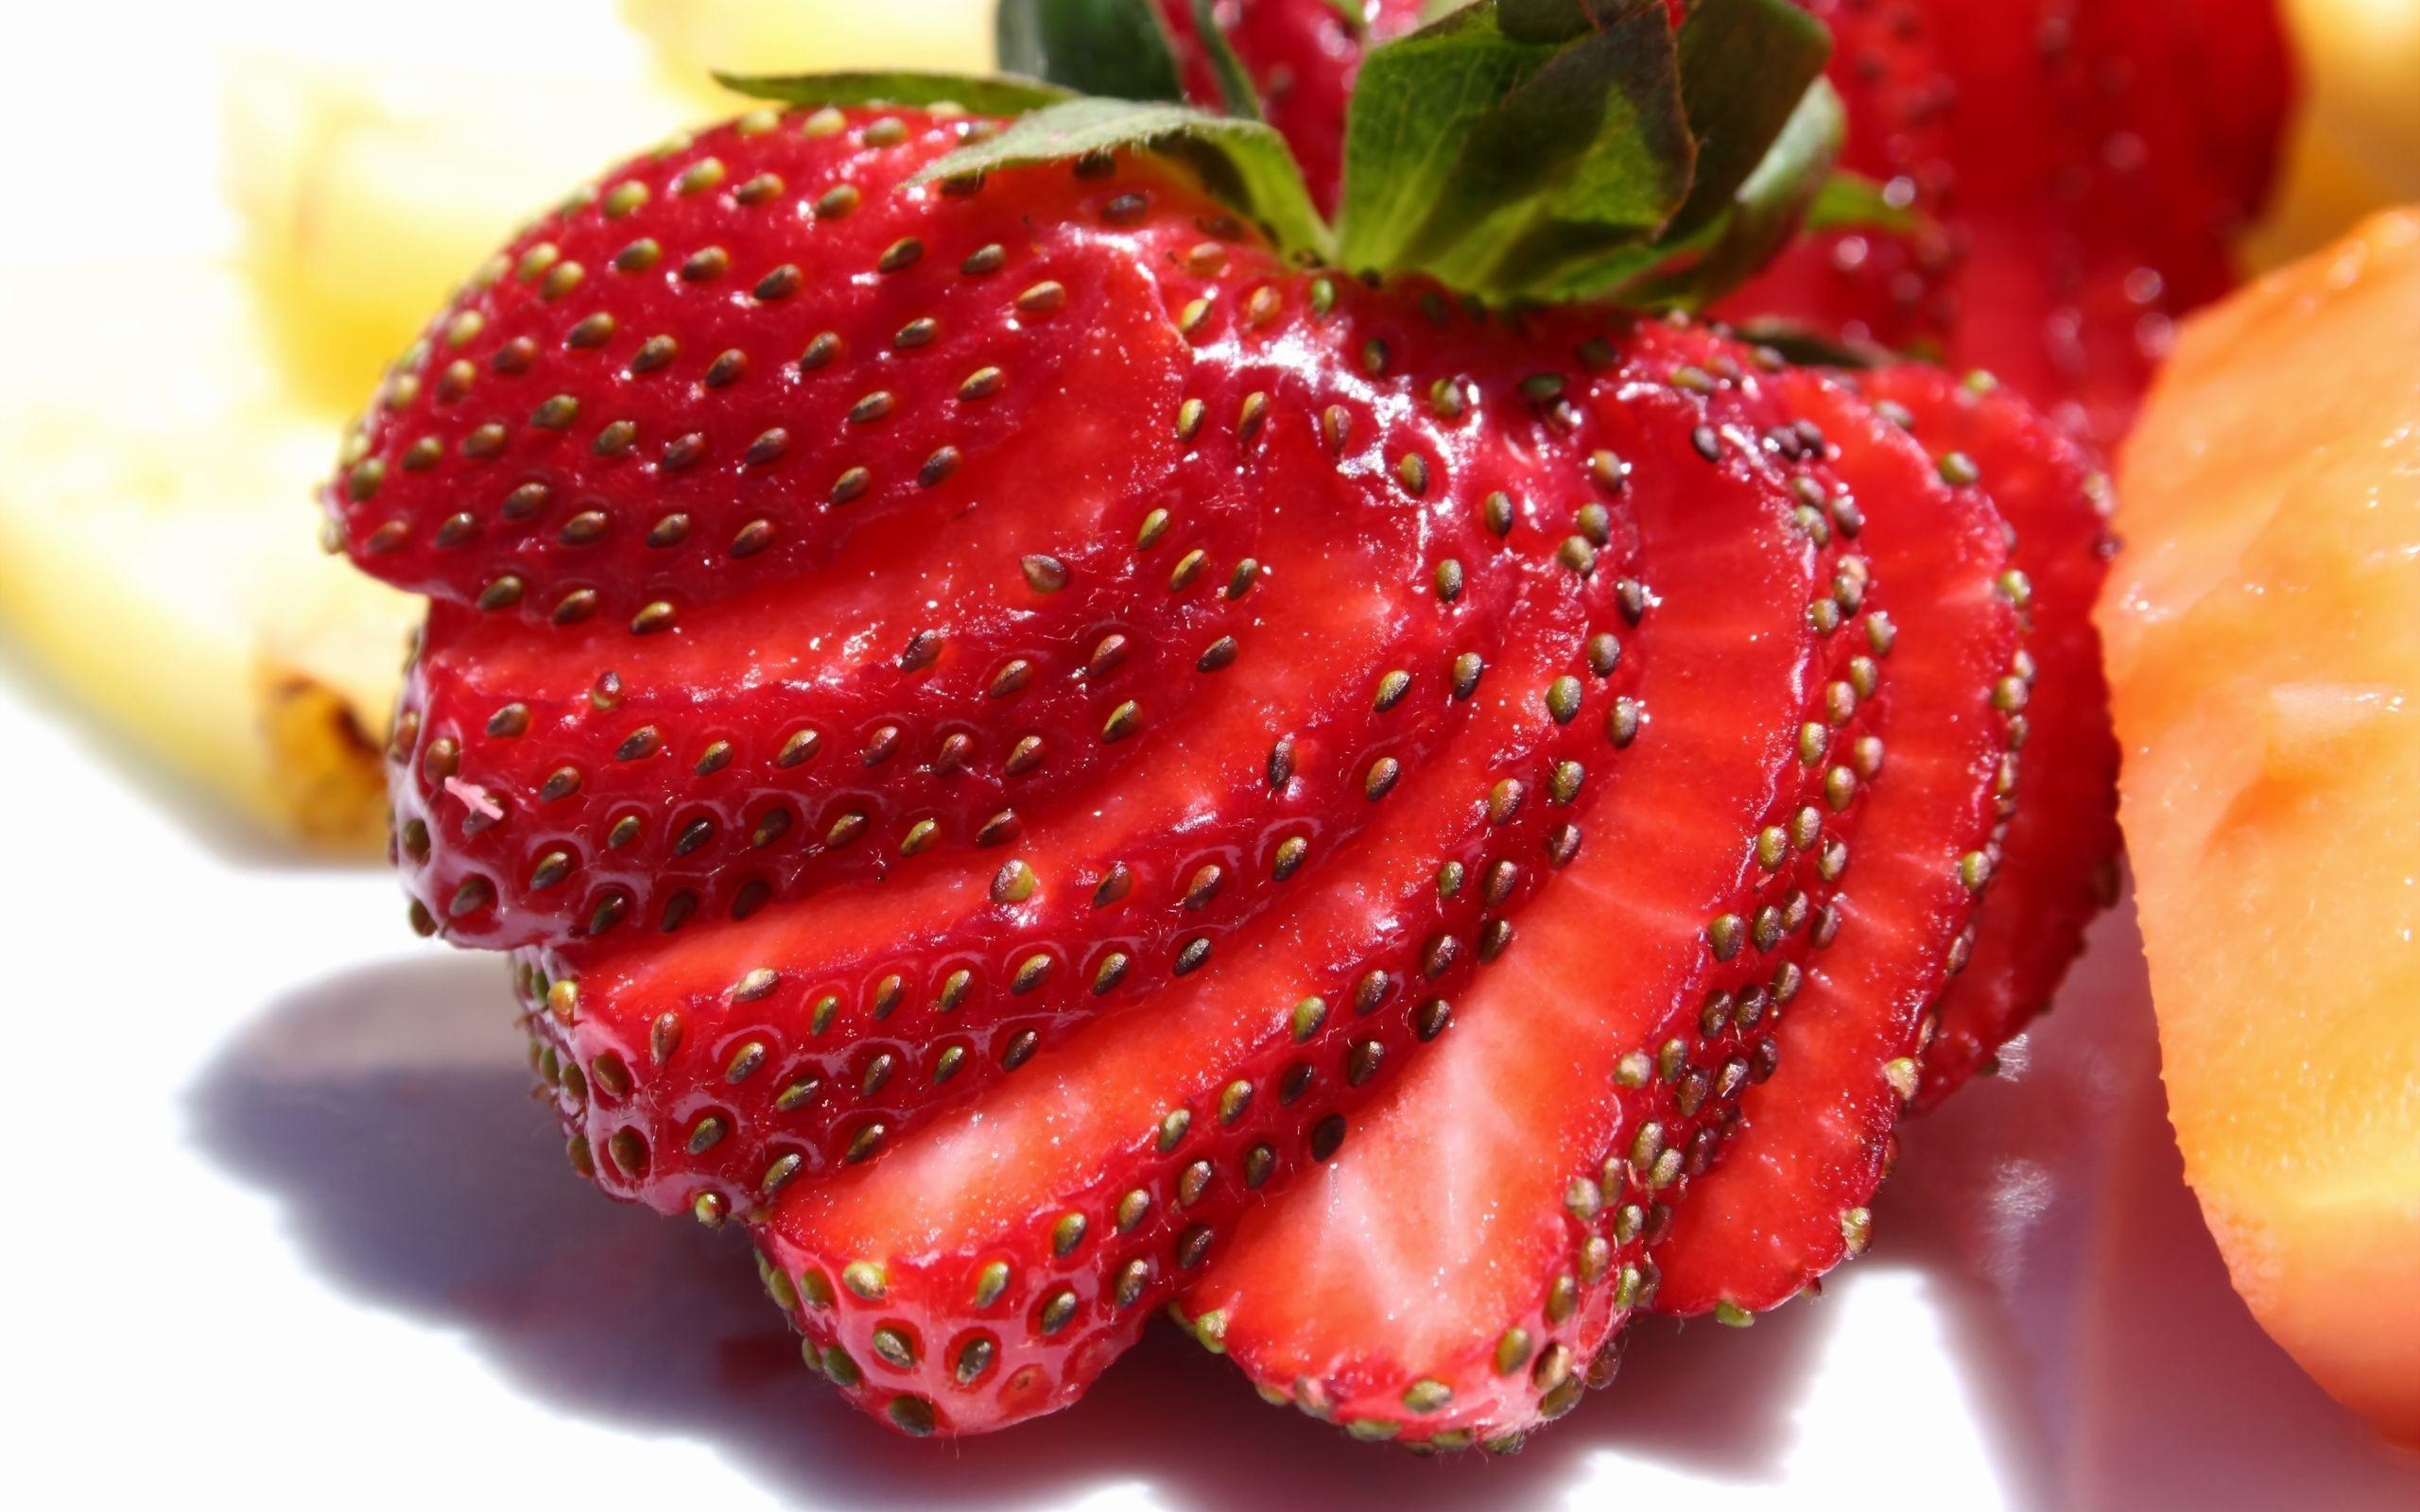 Cute Strawberries Wallpaper